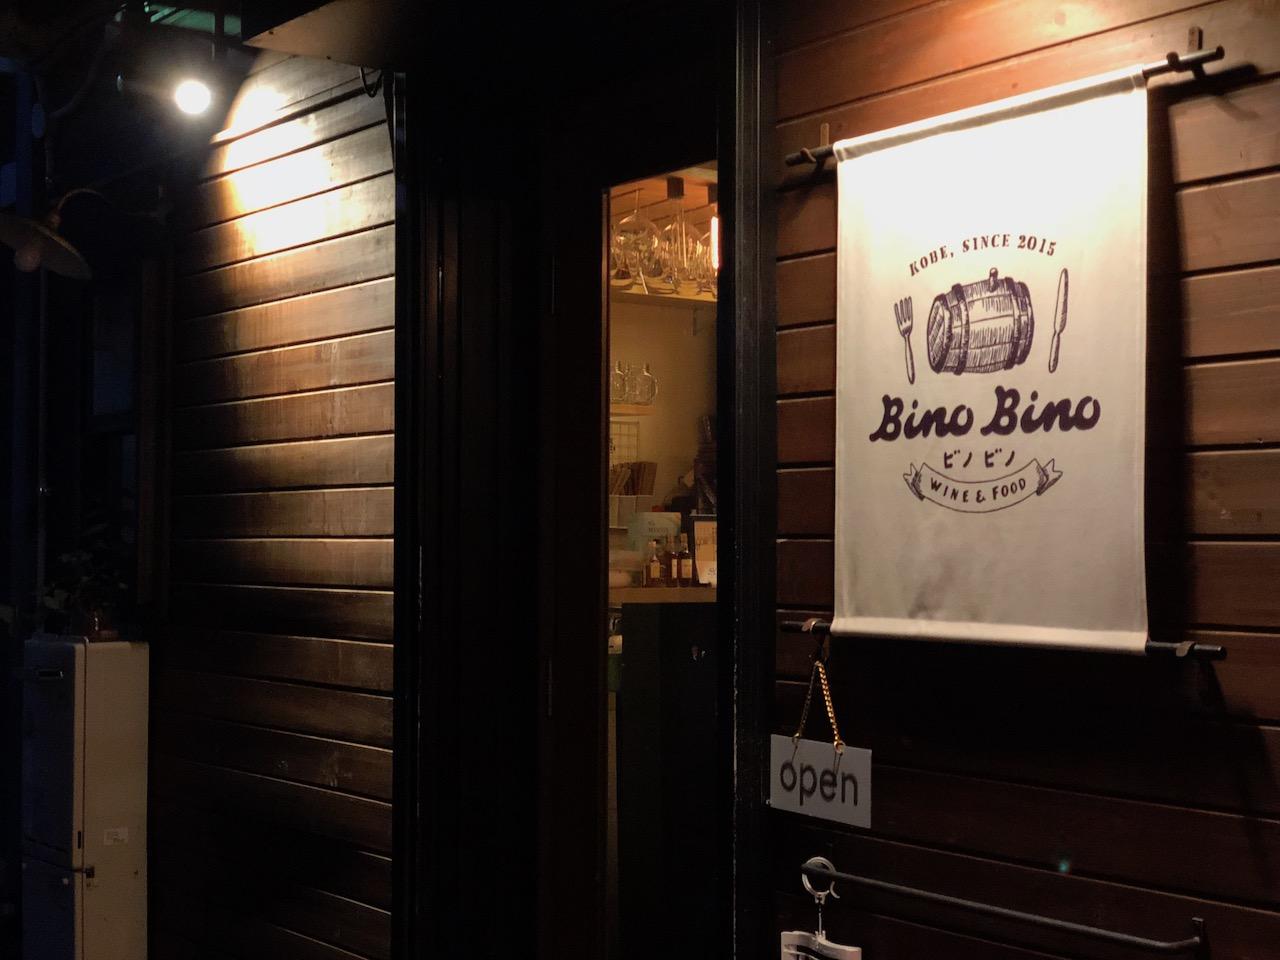 神戸三宮でちょい飲みならBinoBinoがおすすめ!なんだかオシャレな前菜もあるよ